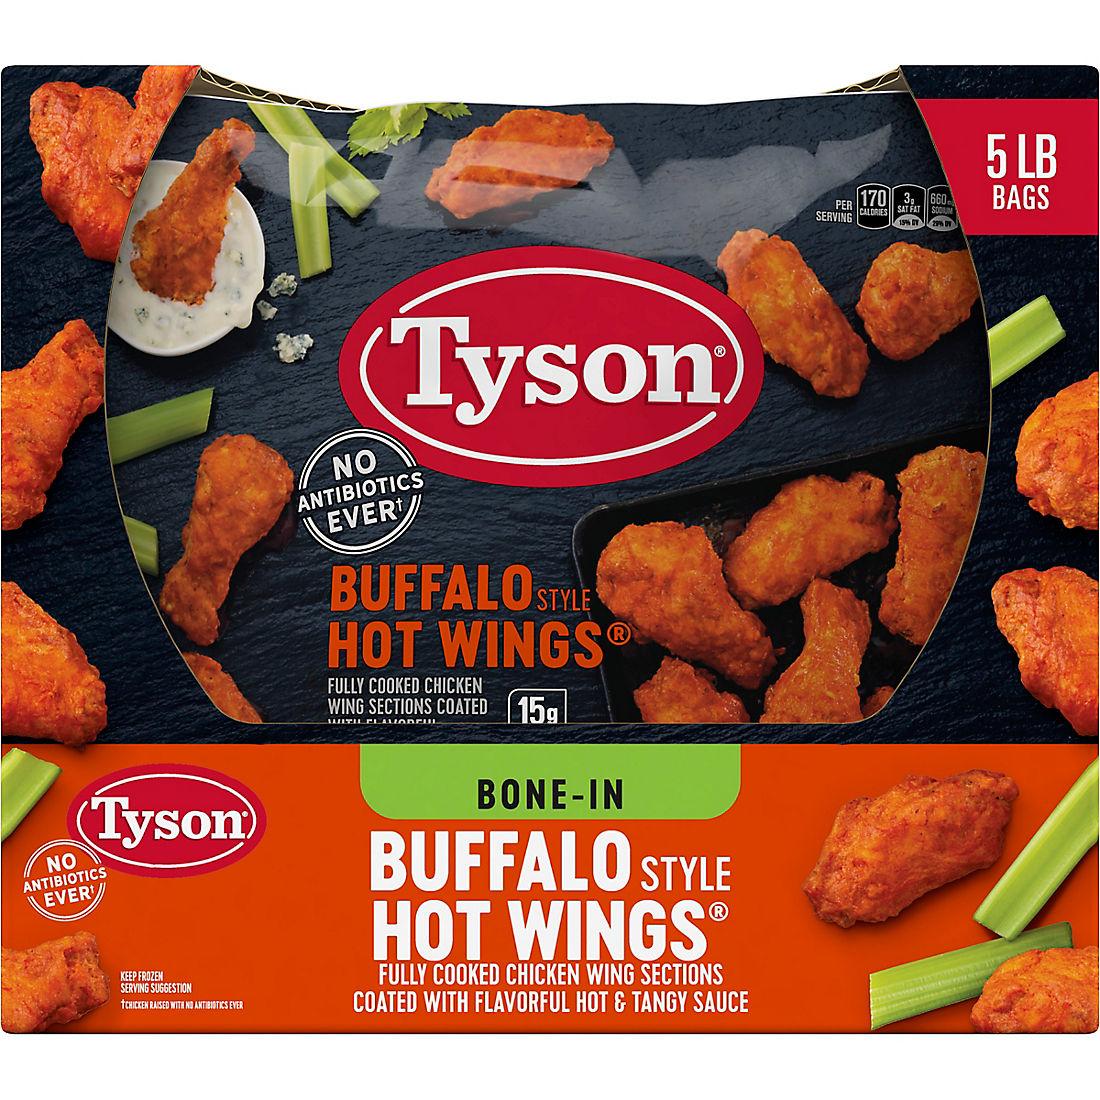 Tyson Frozen Buffalo Style Hot Chicken Wings, 5 lbs